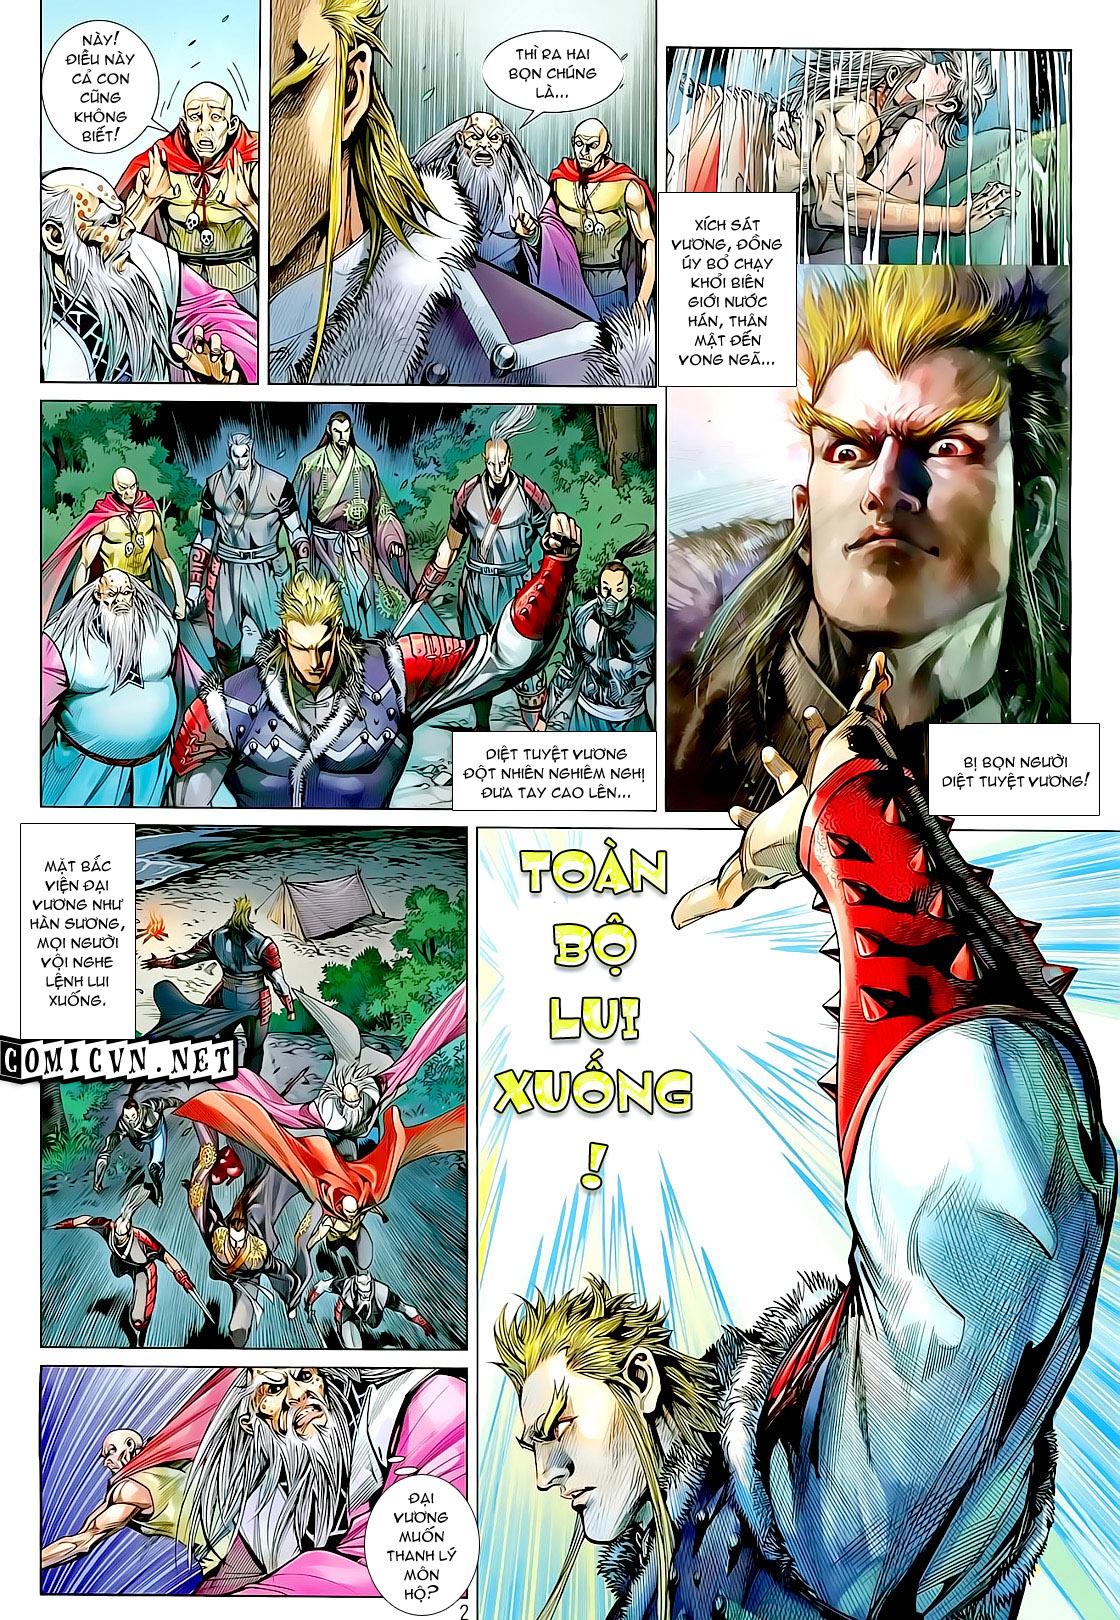 truyện tranh thiết tướng tung hoành Chapter 23/